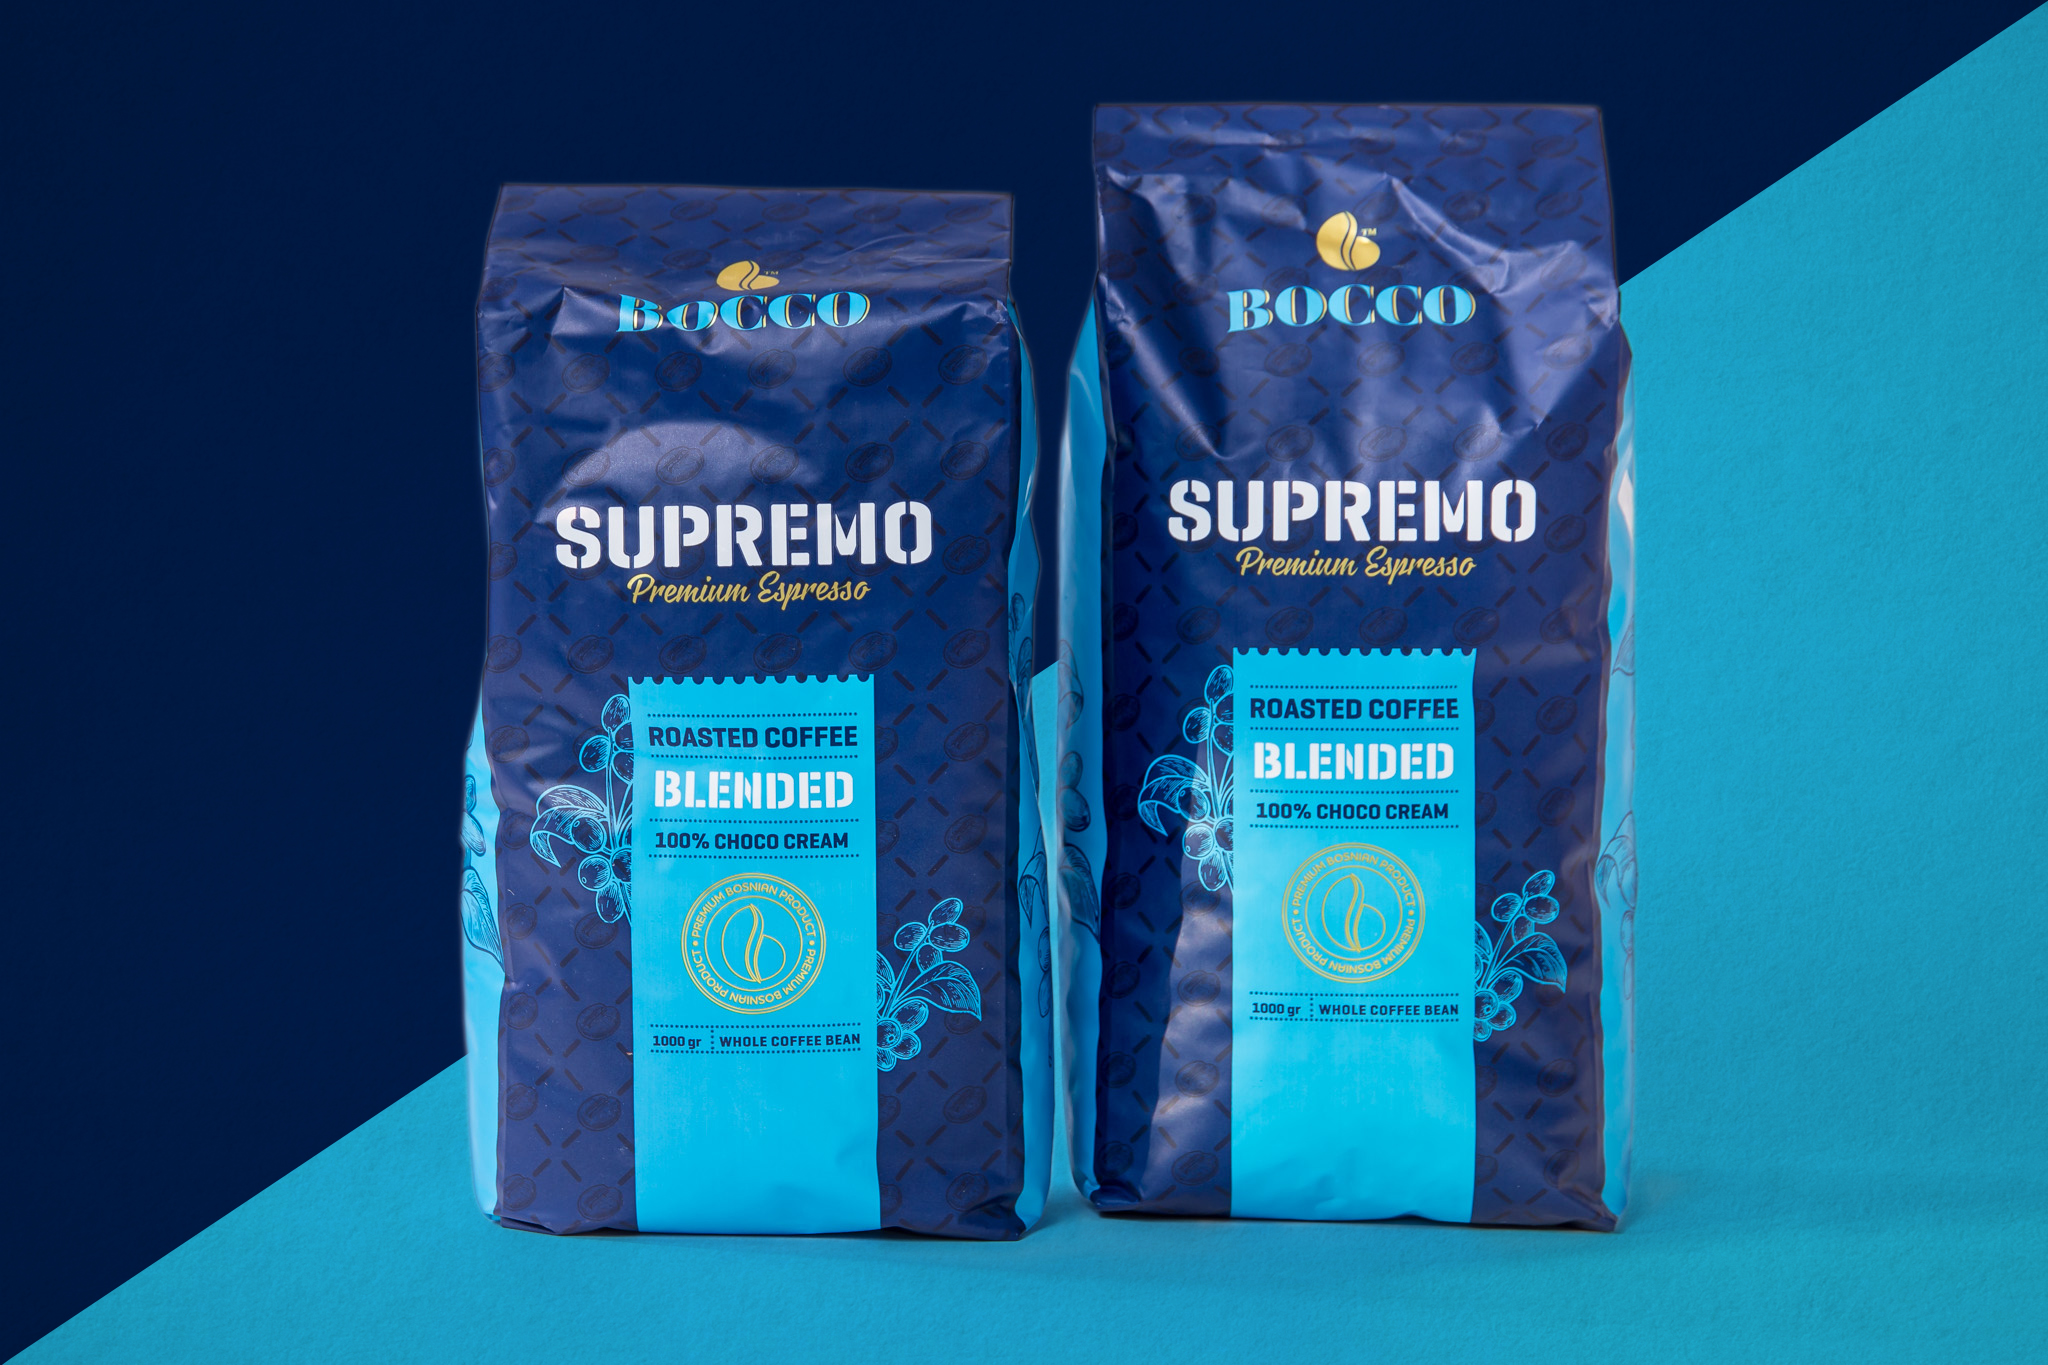 Bocco Supremo - Premium Espresso - Packaging for Premium Espresso Brand